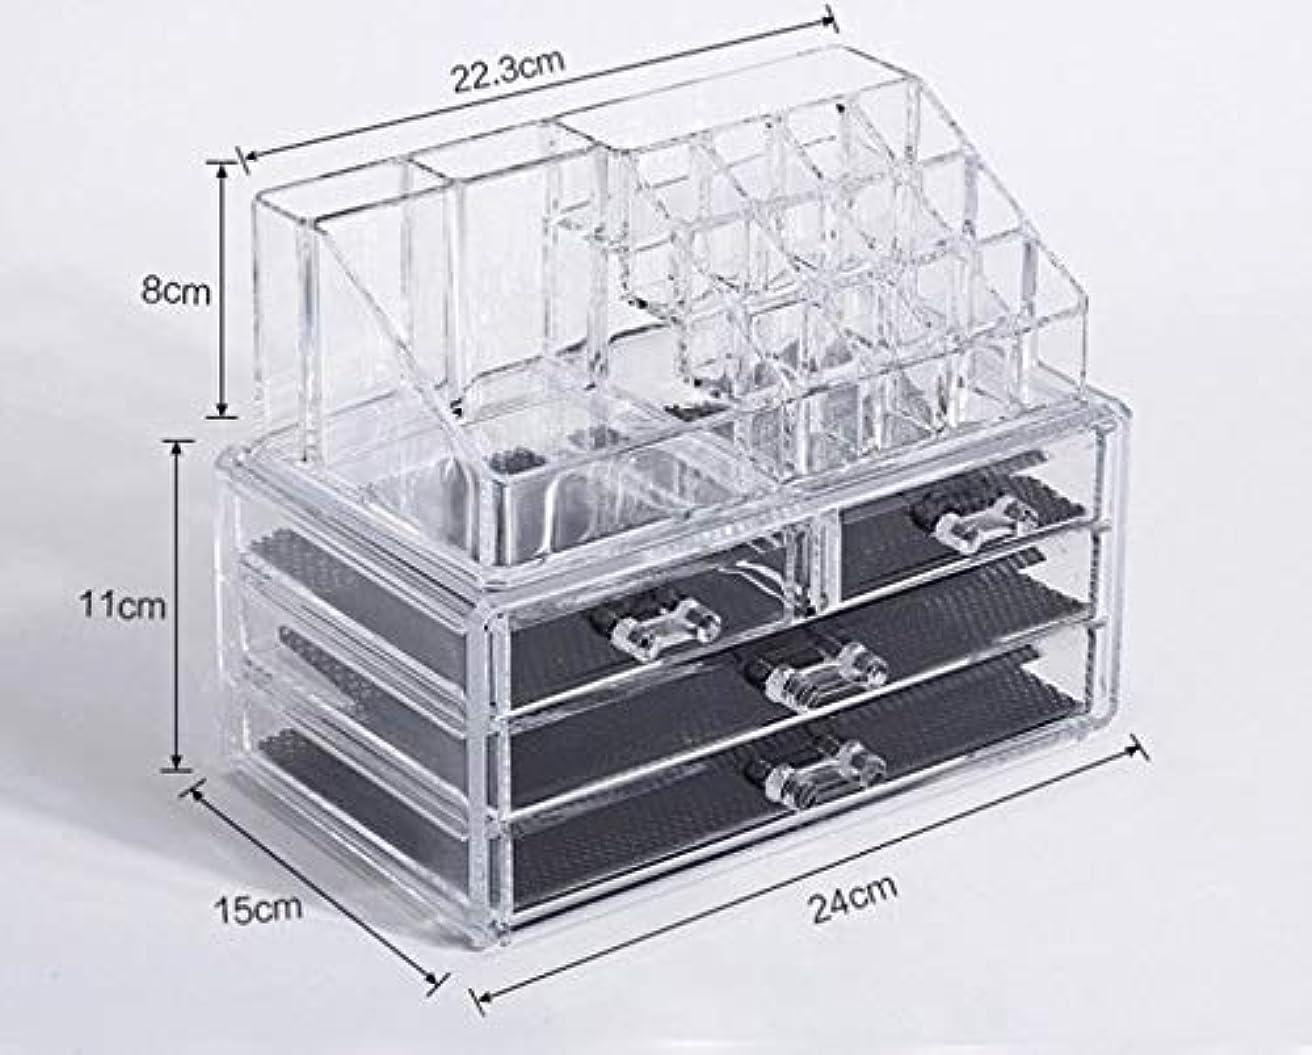 信じられない暗唱する半導体化粧品収納ボックス メイクボックス 化粧品 収納 ニオイなし 騒音なし 防塵 高透明度 強い耐久性